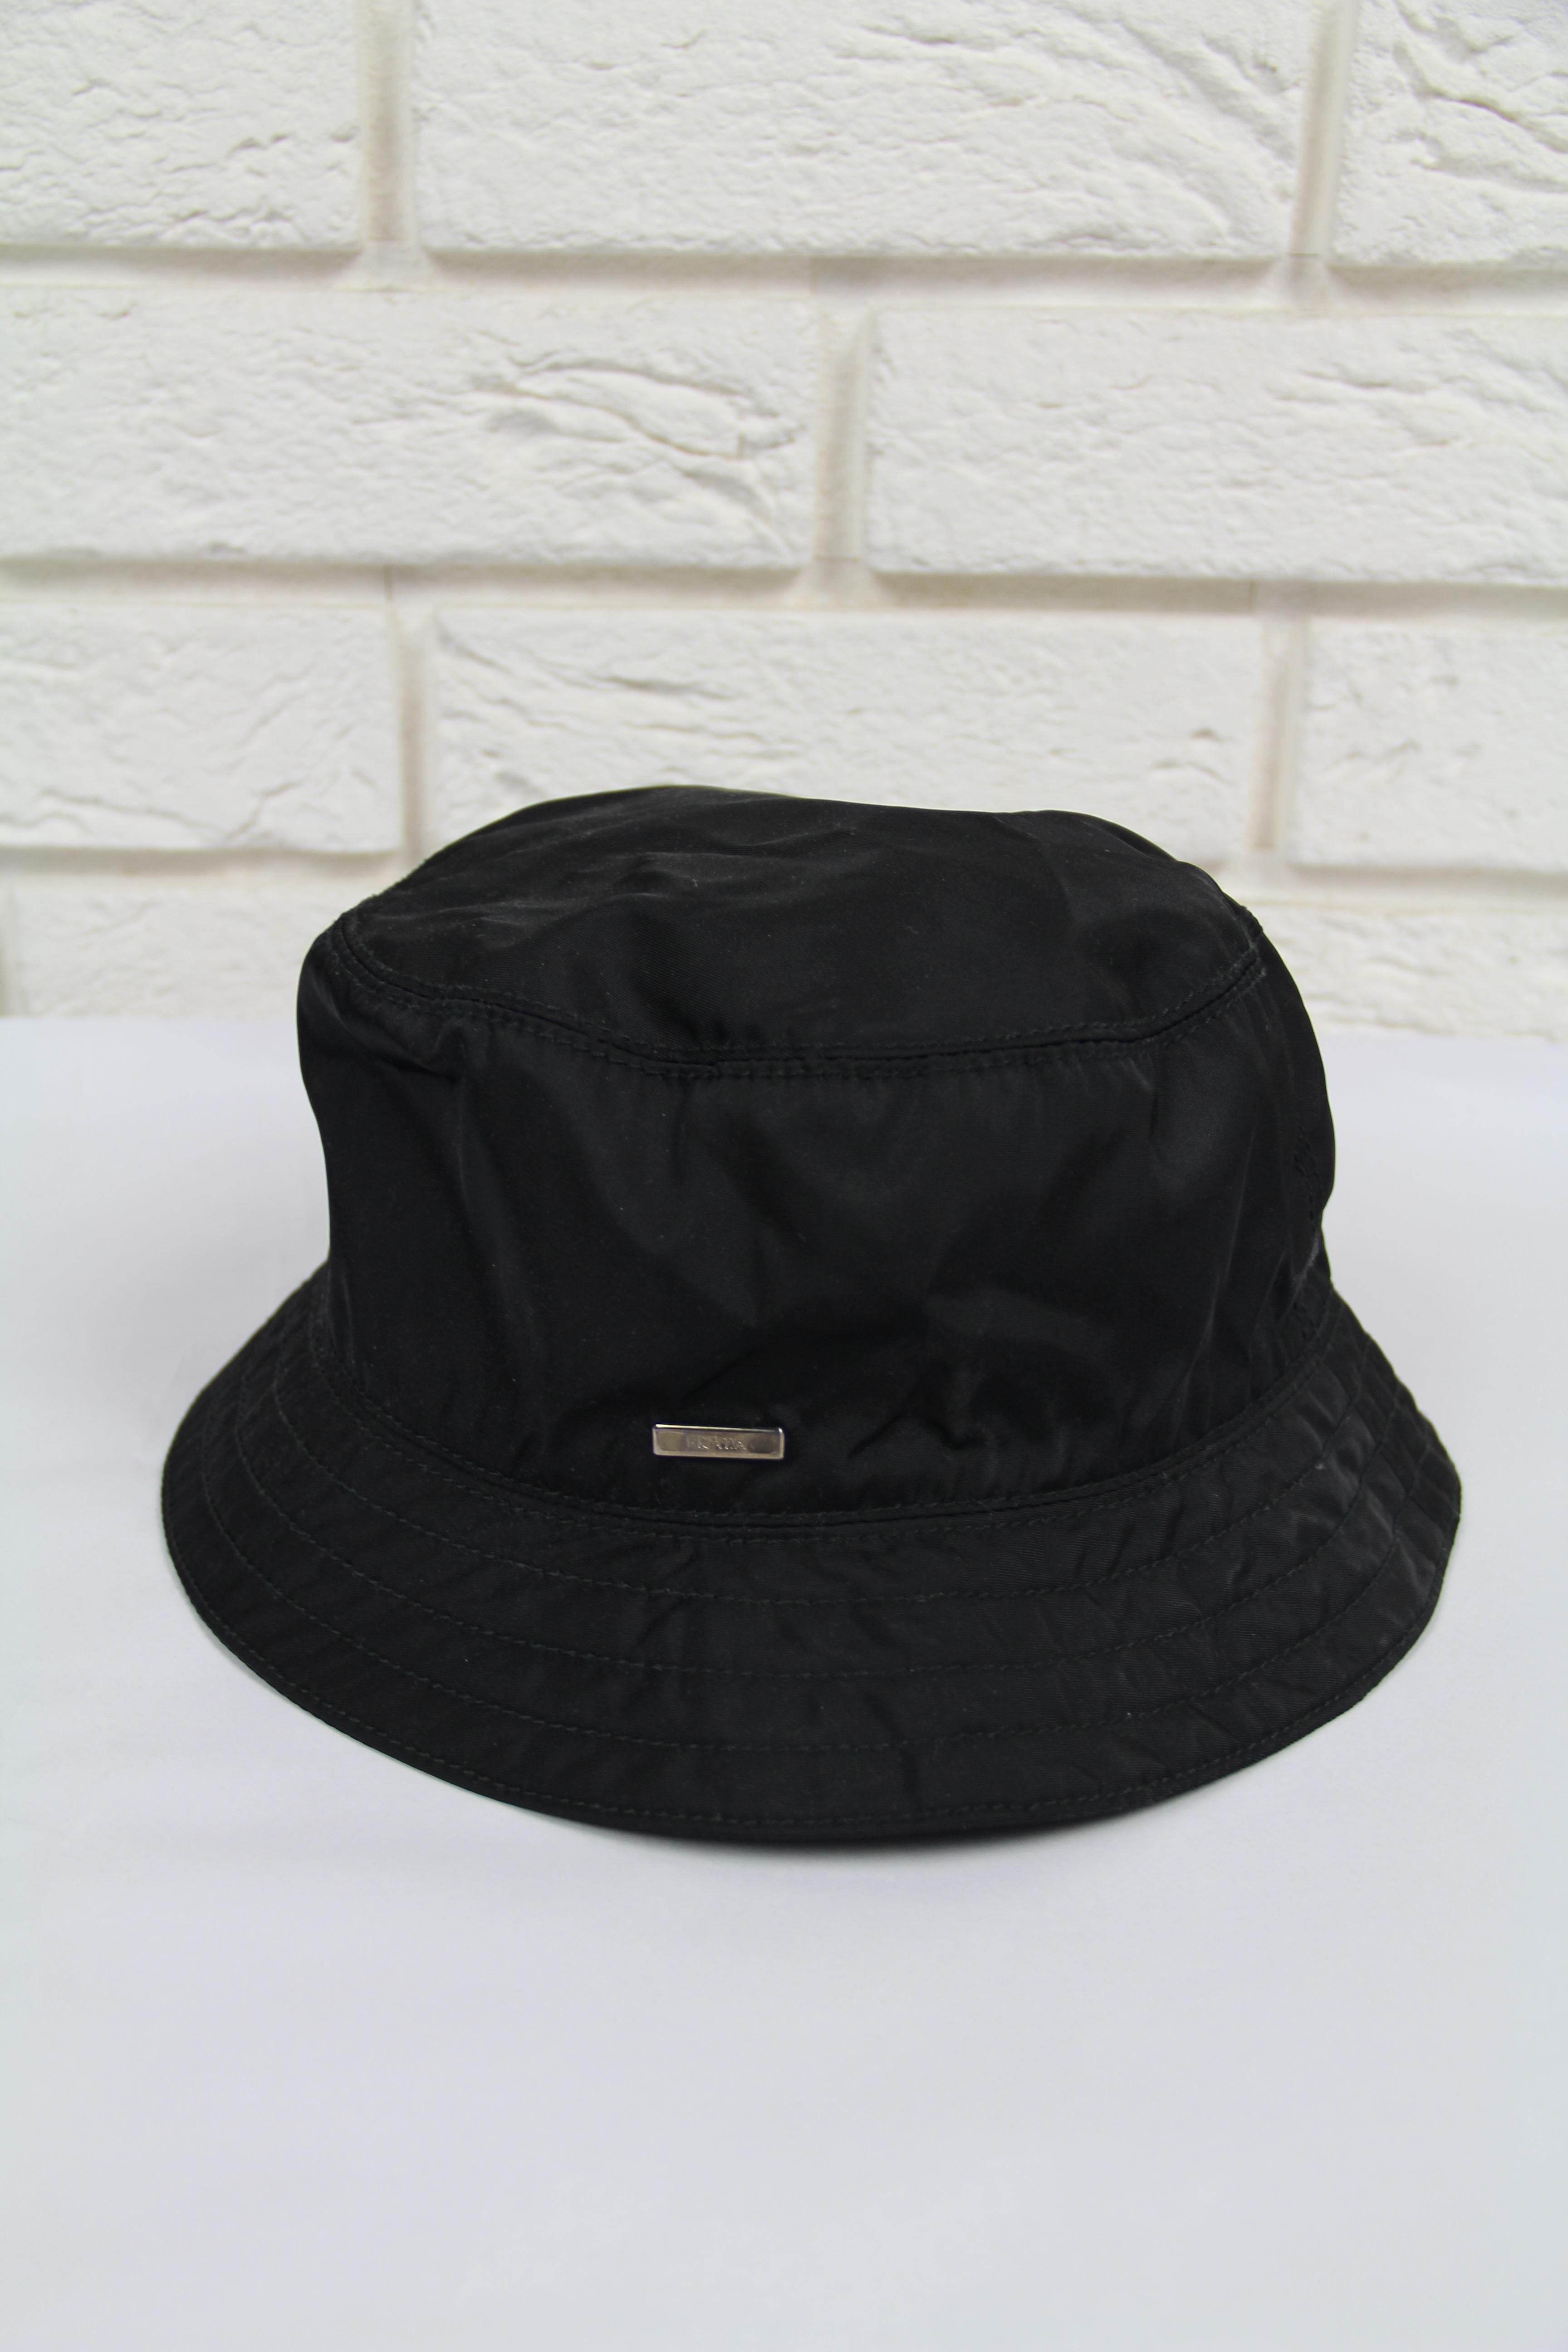 Prada 🔥Prada Logo Nylon Bucket Hat Size one size - Hats for Sale ... 67524cef1f9